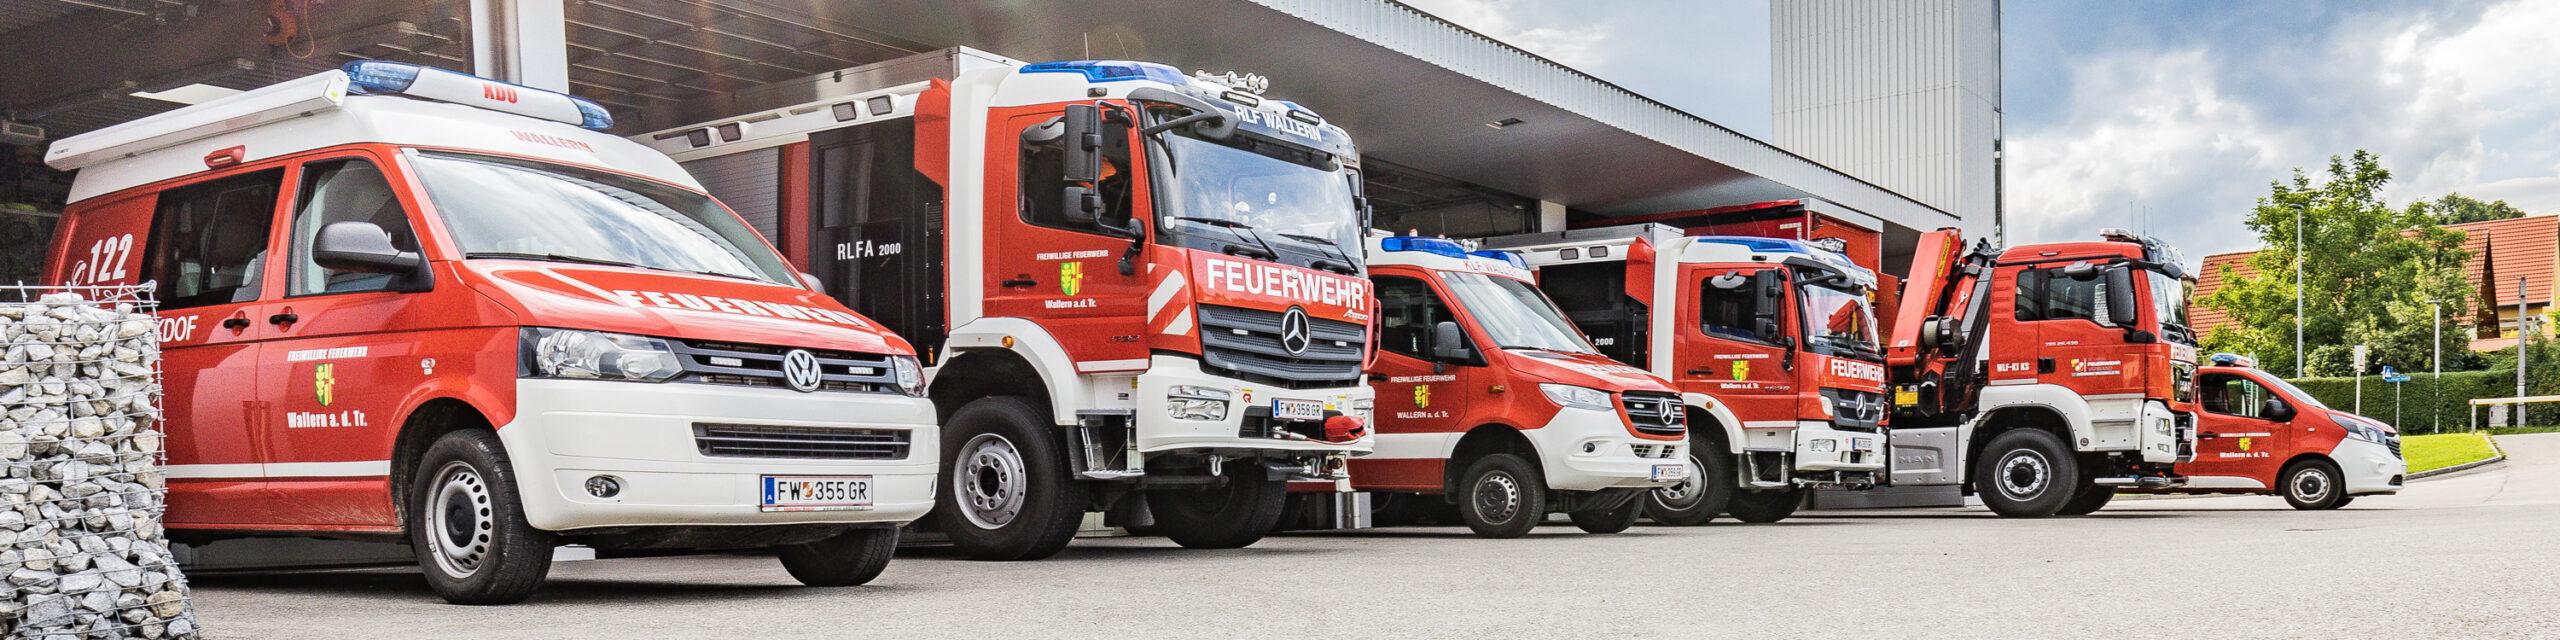 Freiwillige Feuerwehr Wallern an der Trattnach